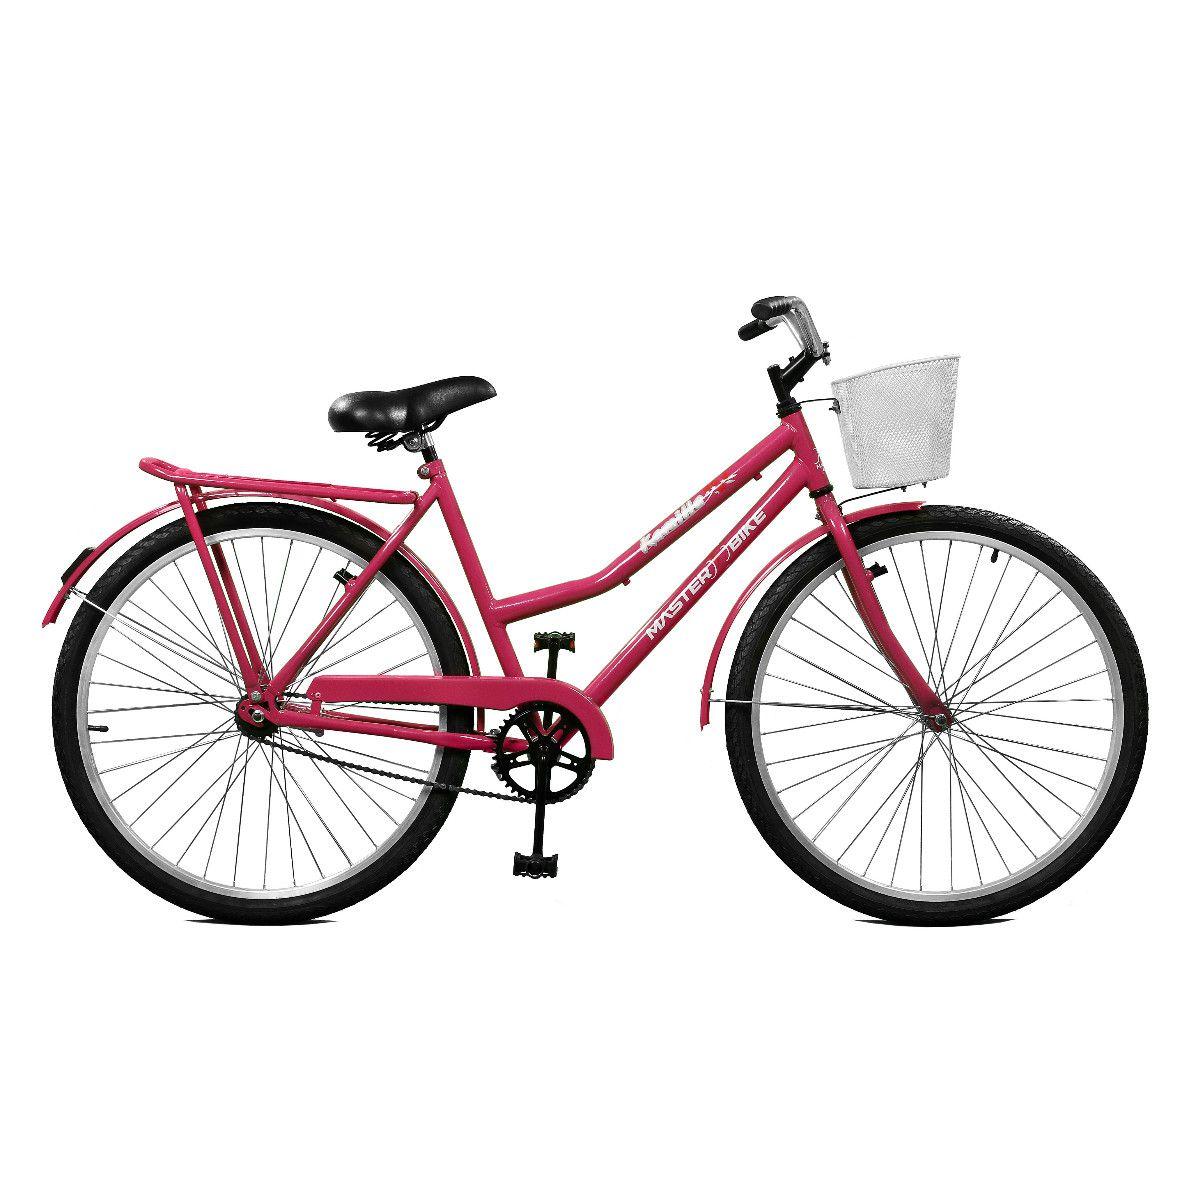 Bicicleta Master Bike Aro 26 Kamilla Contrapedal c/ Cesta Rosa